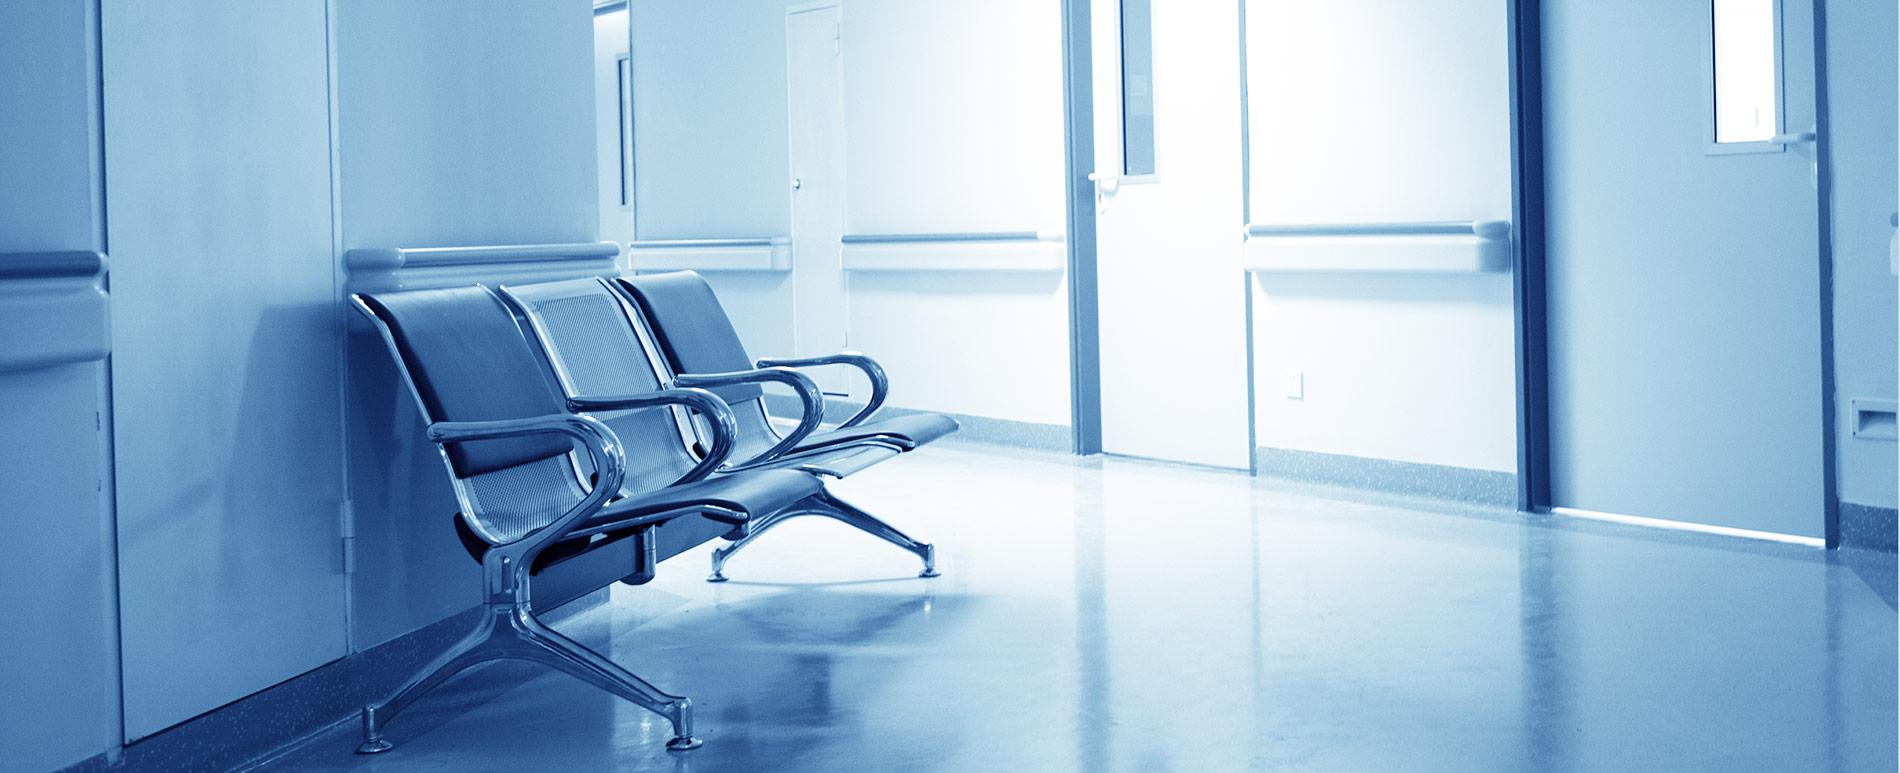 Higienização de clínicas e consultórios: saiba o que é necessário